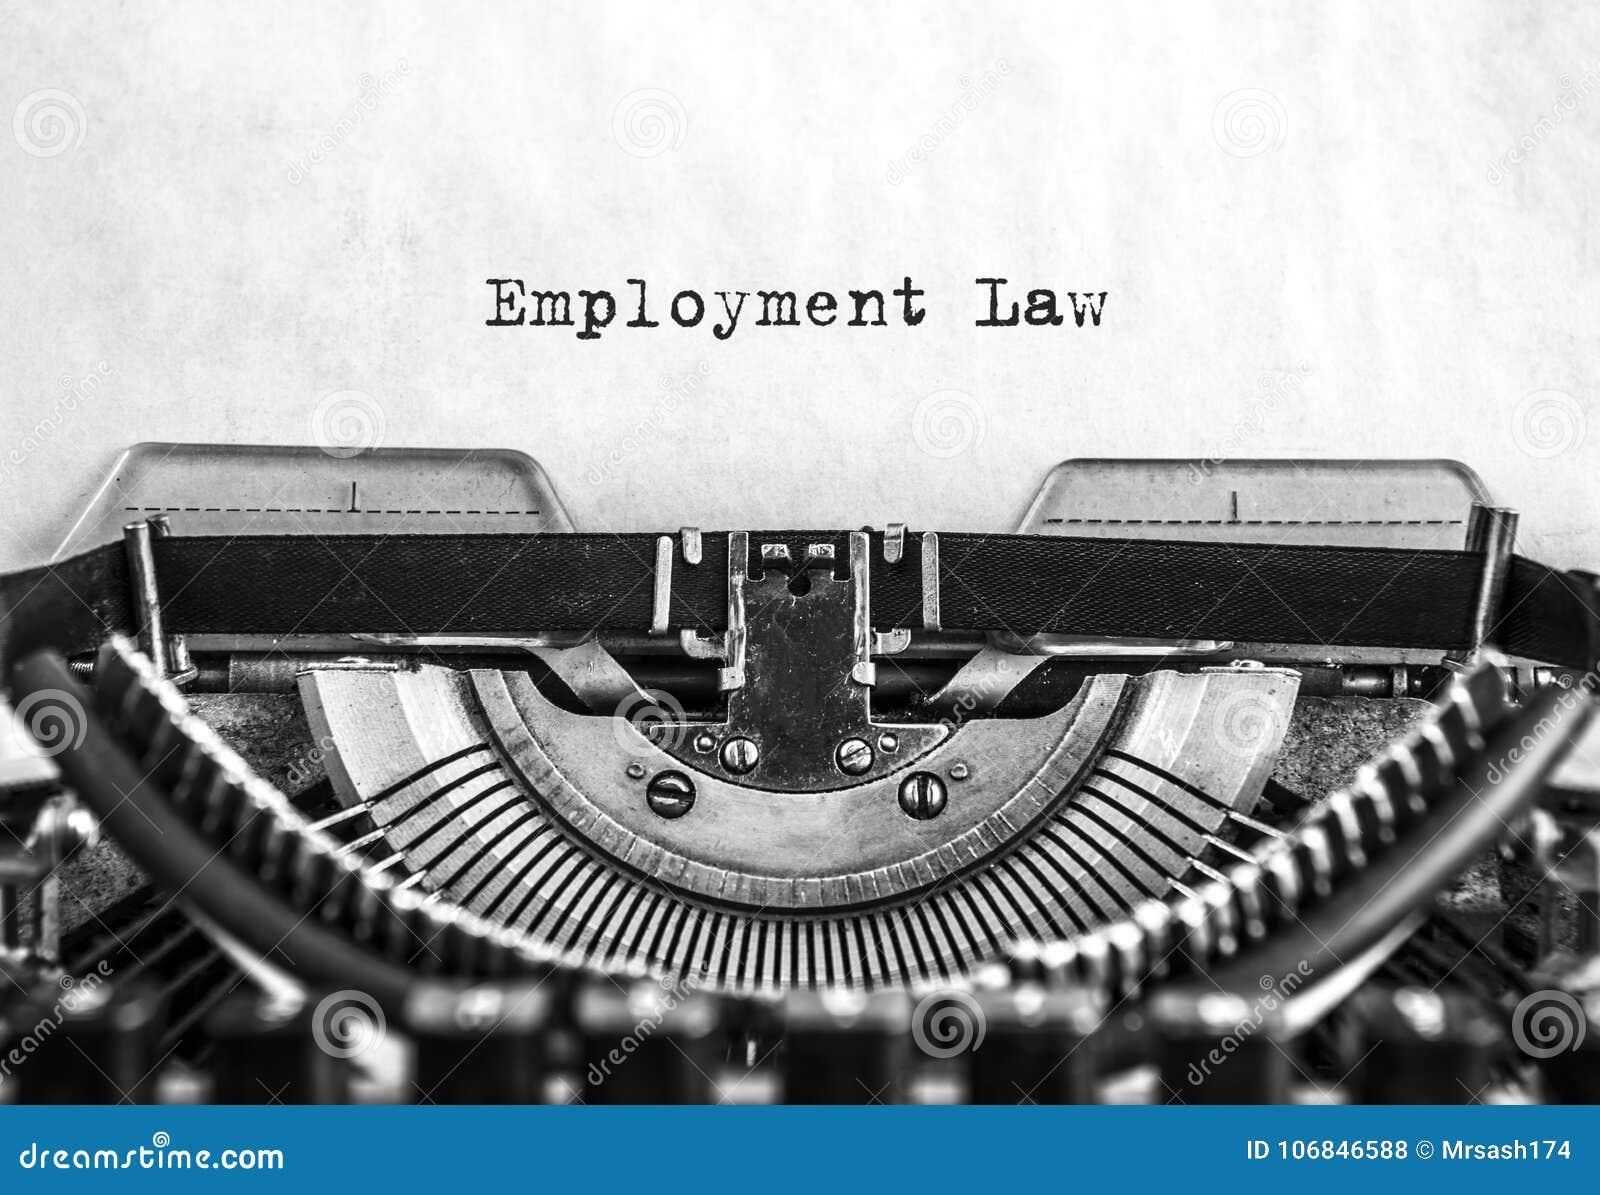 Arbeidsrechtwoord getypte woorden op een uitstekende schrijfmachine Sluit omhoog